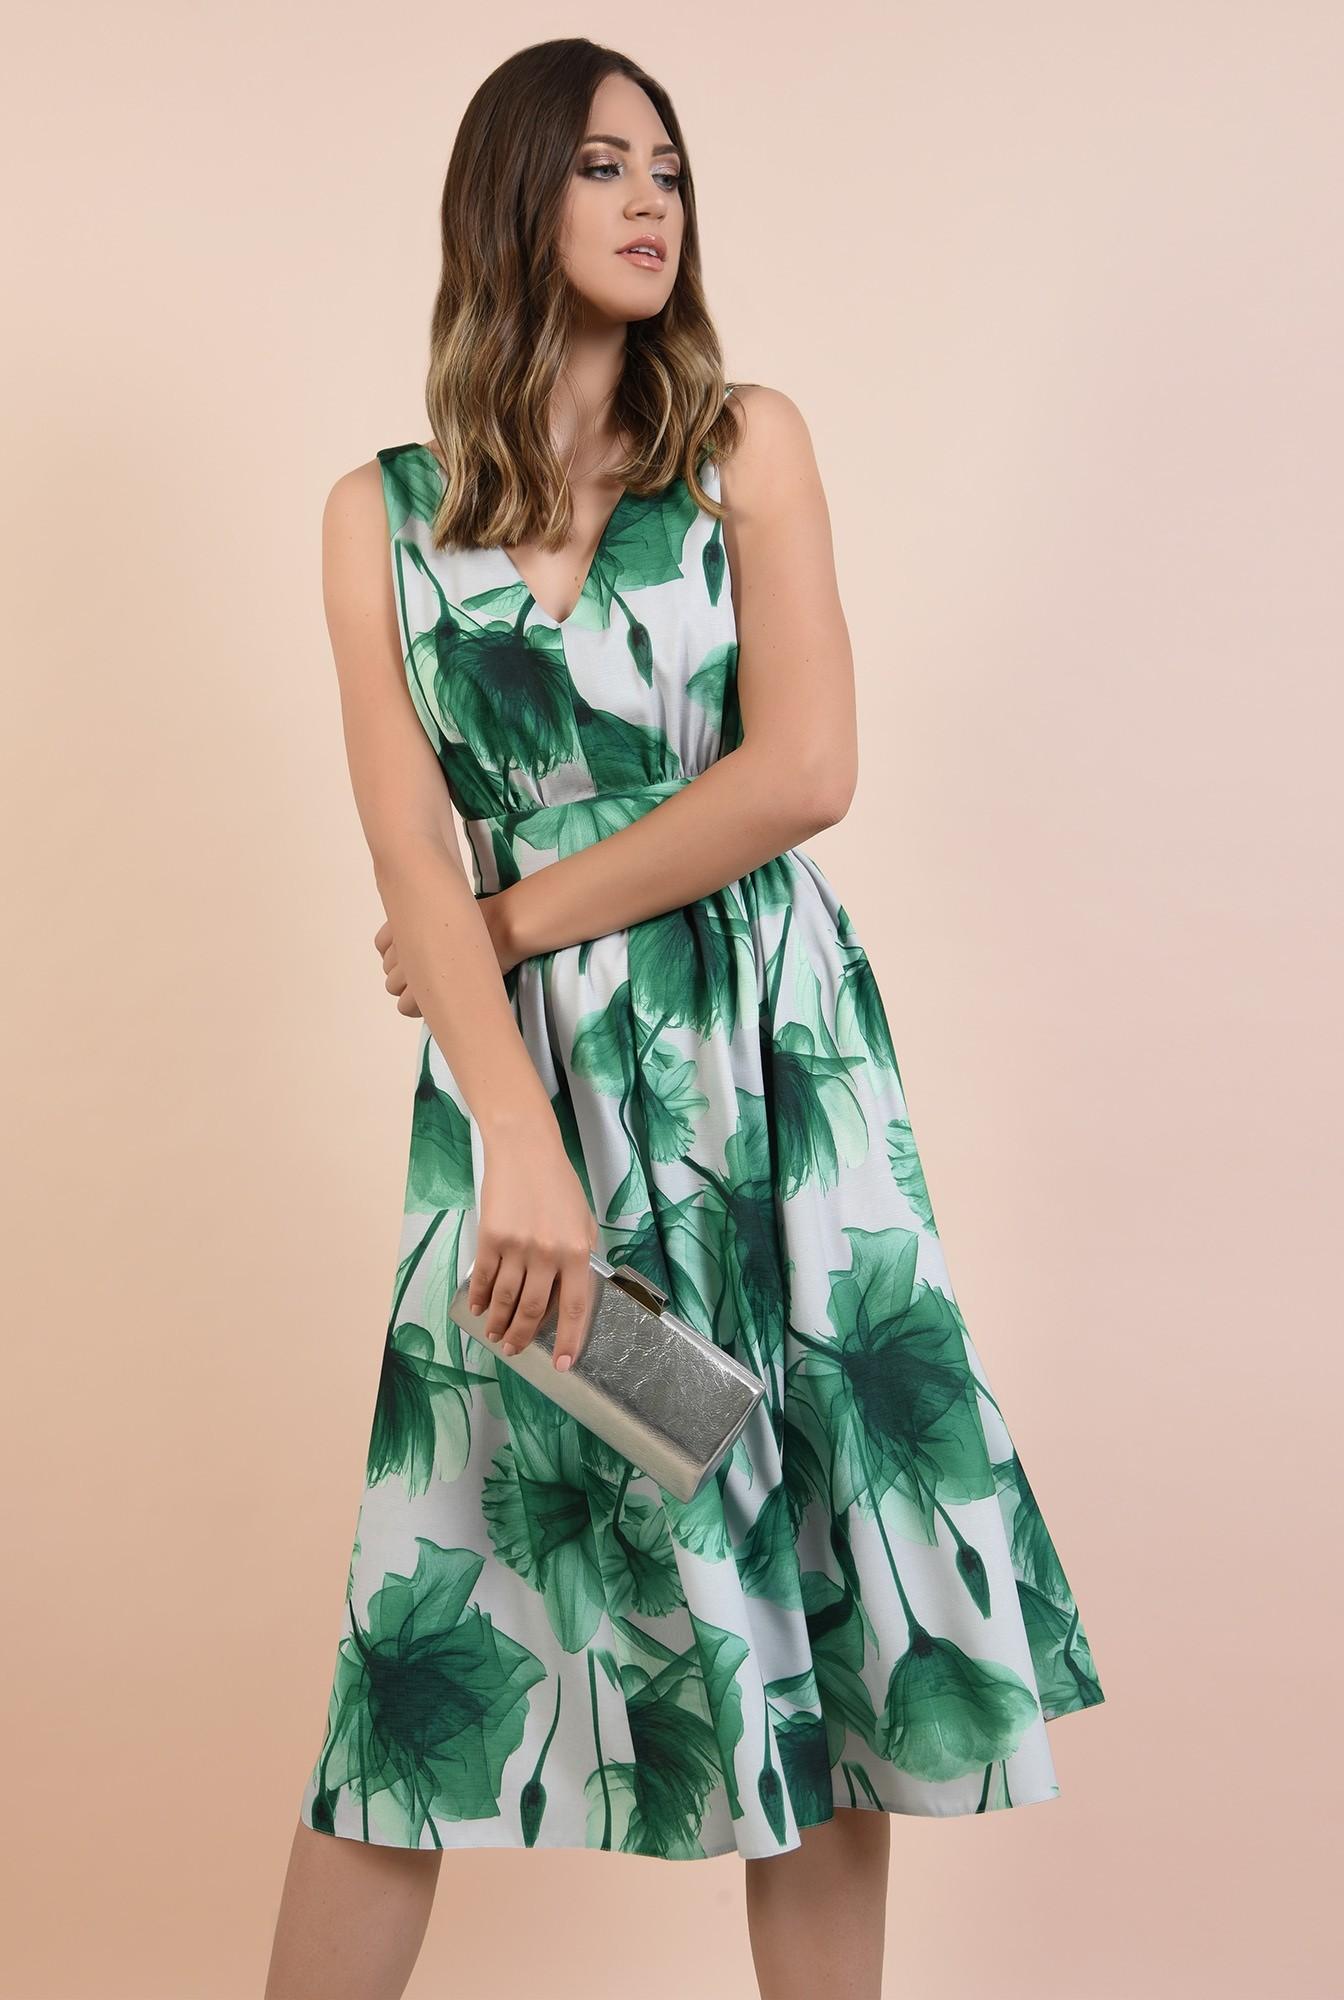 0 - rochie eleganta, midi, clos, cu flori, fara maneci, Poema, talie cu betelie, spate decoltat